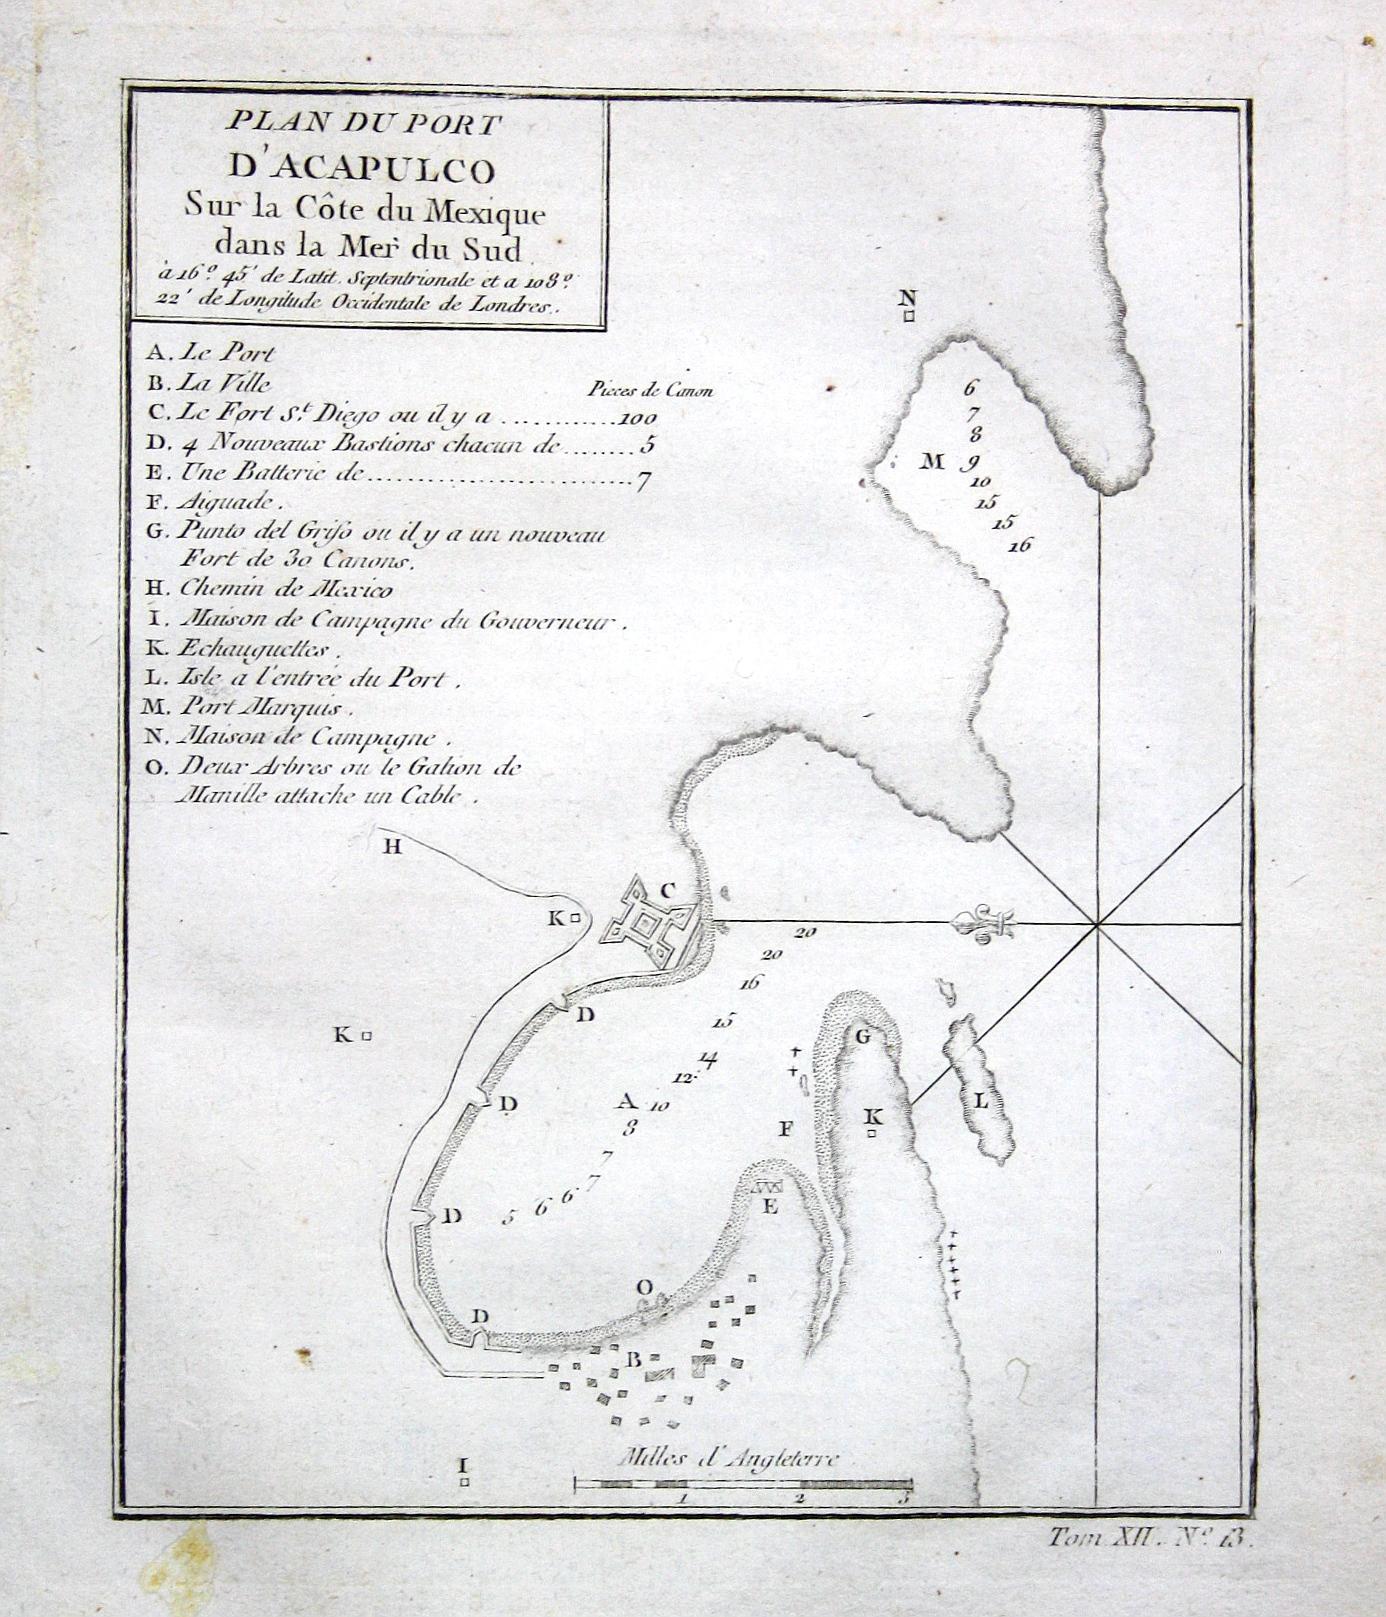 Plan du port d'Acapulco sur la cote: Bellin, Jacques-Nicolas: